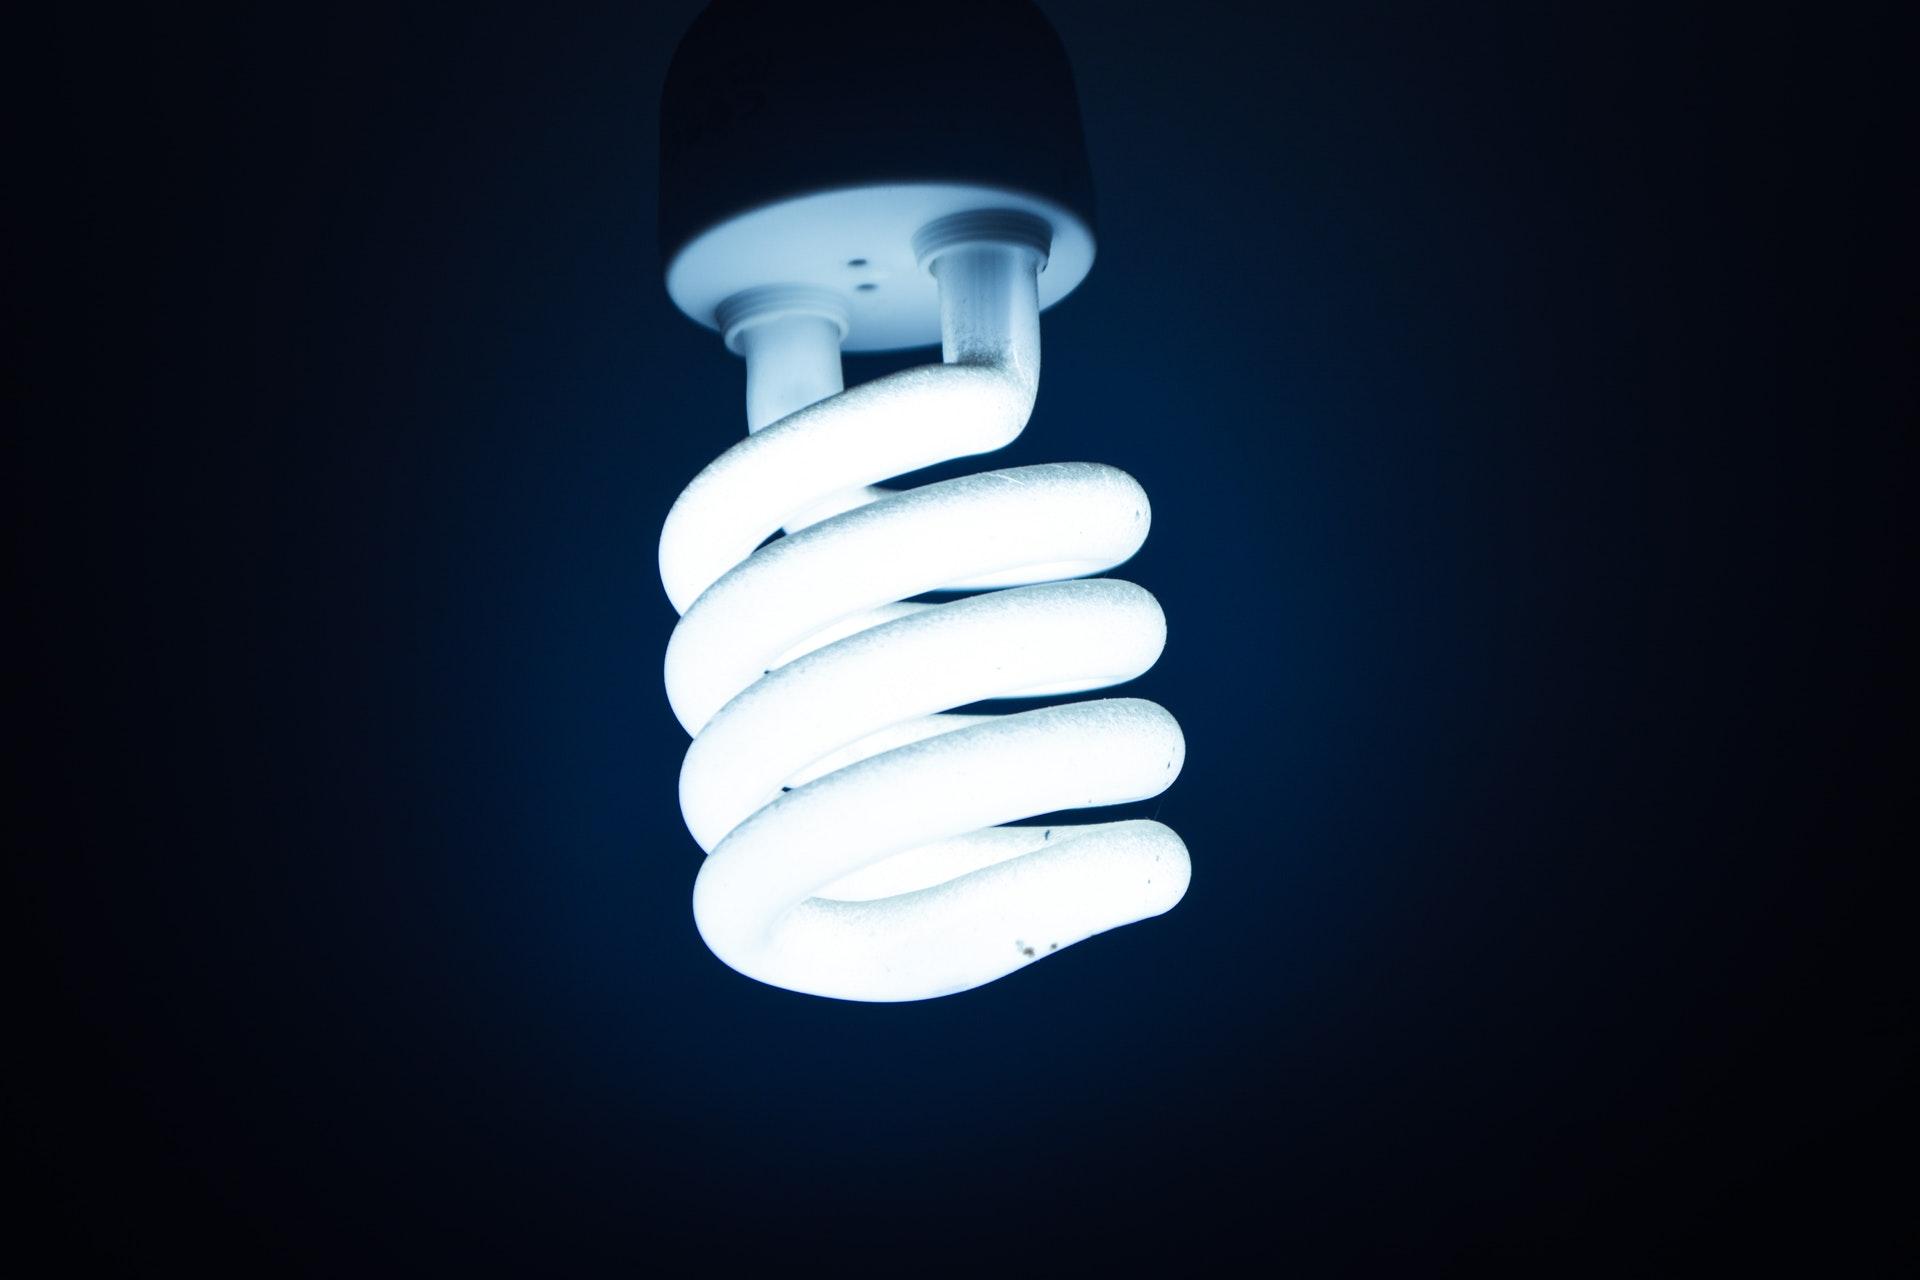 LED, lys, lampe, pære, elektronik